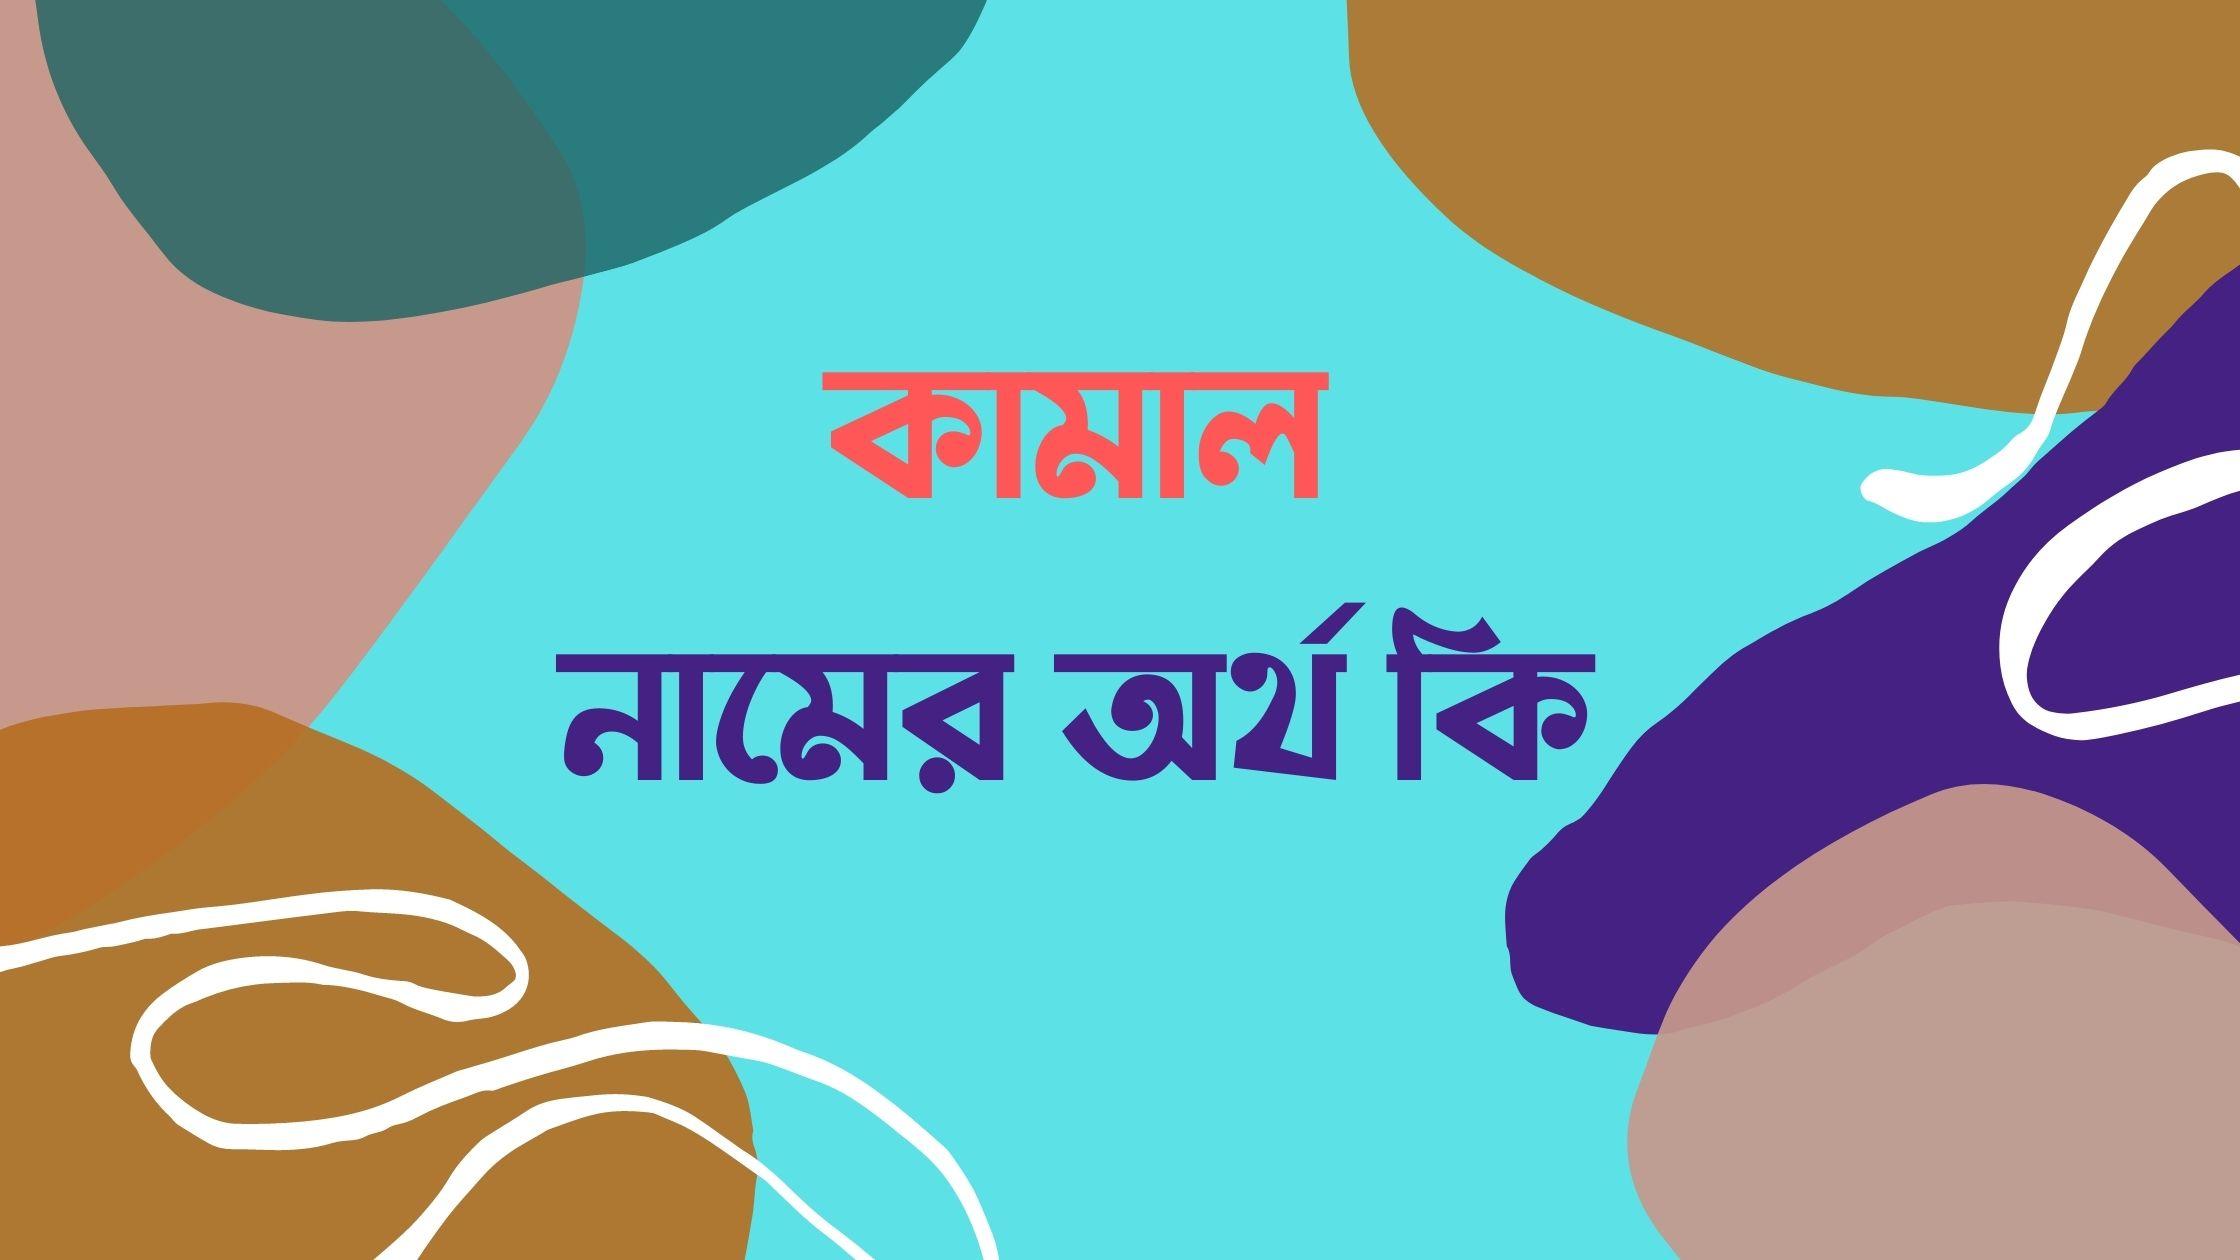 কামাল নামের অর্থ কি kamal namer ortho ki